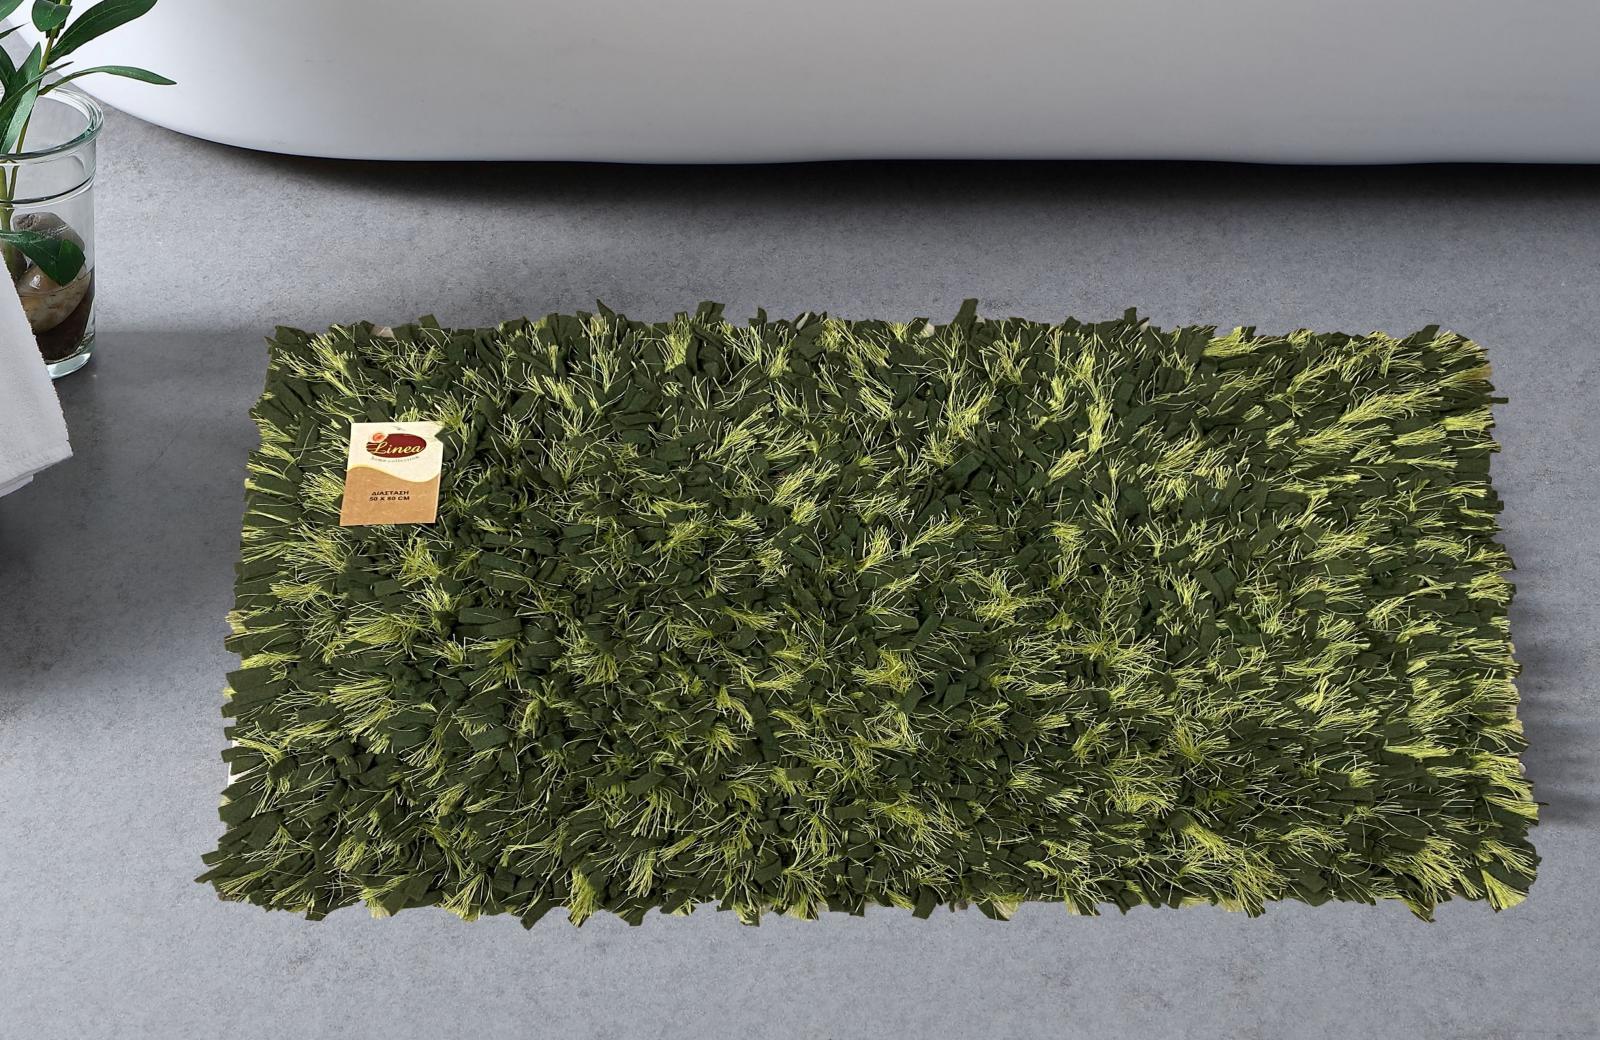 ΠΑΤΑΚΙ ΜΠΑΝΙΟΥ SHAGGY CHENILLE OLIVE GREEN 50Χ80 LINEAHOME